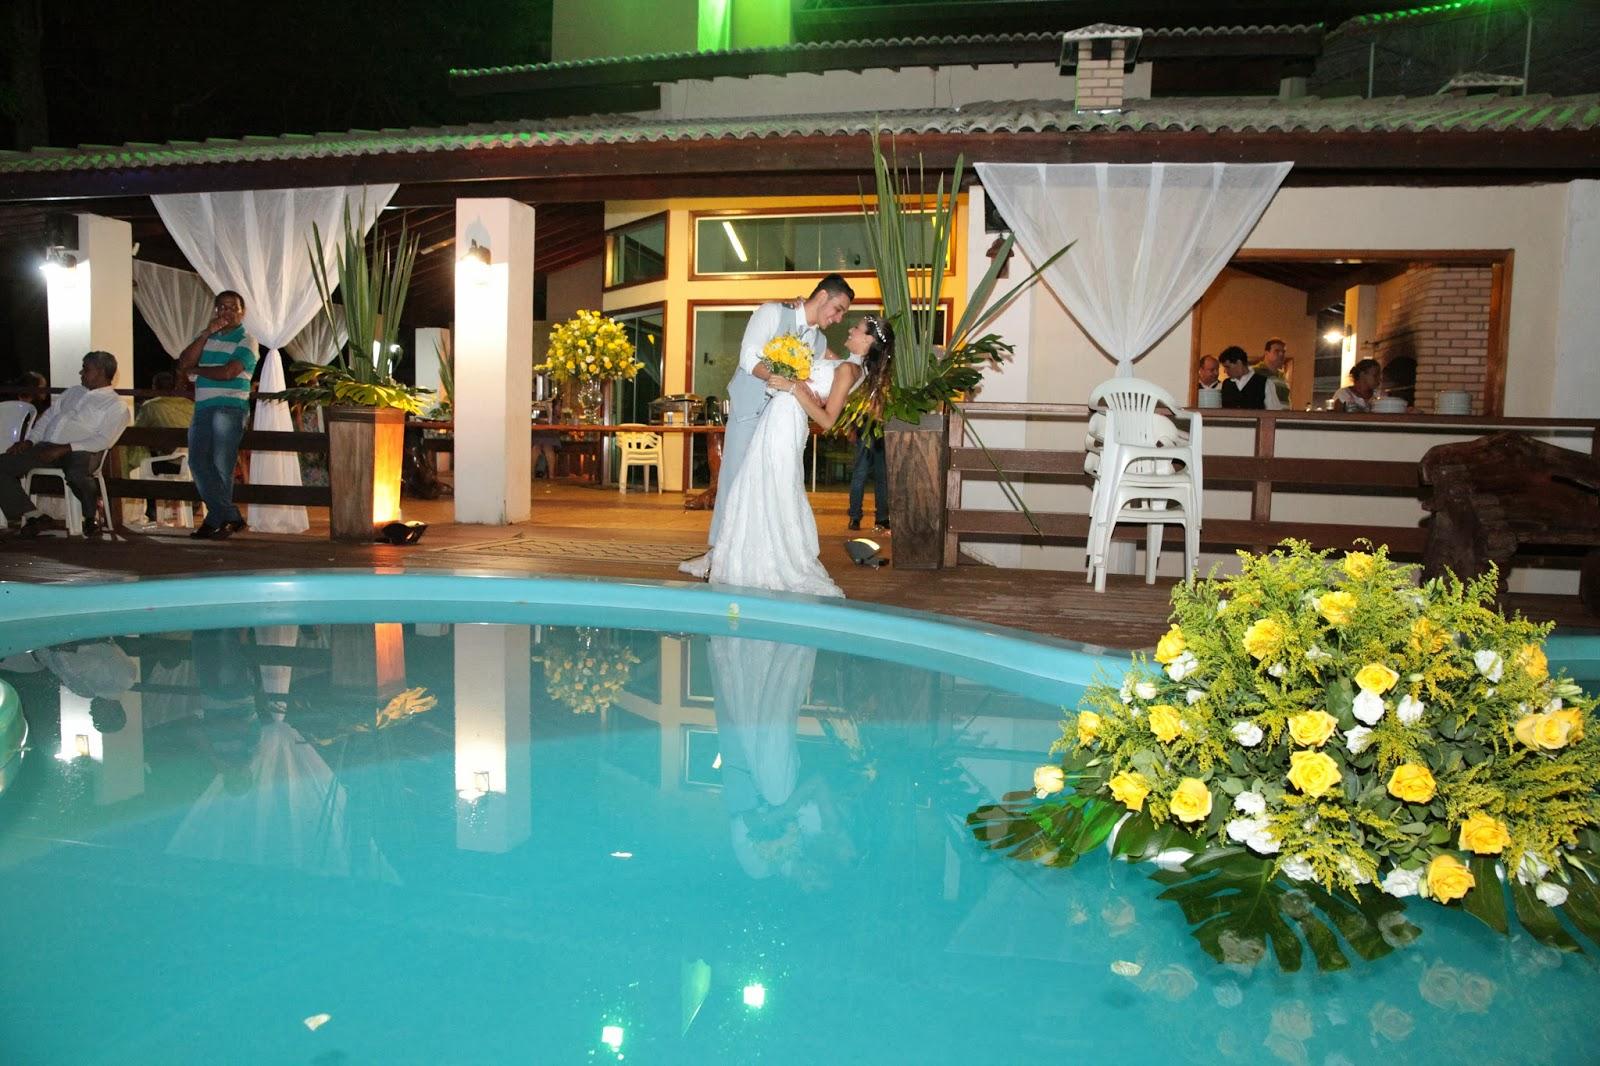 casamento jardim a noite : casamento jardim a noite:Paulo Lima – Decoração de Eventos: Casamento à beira da piscina